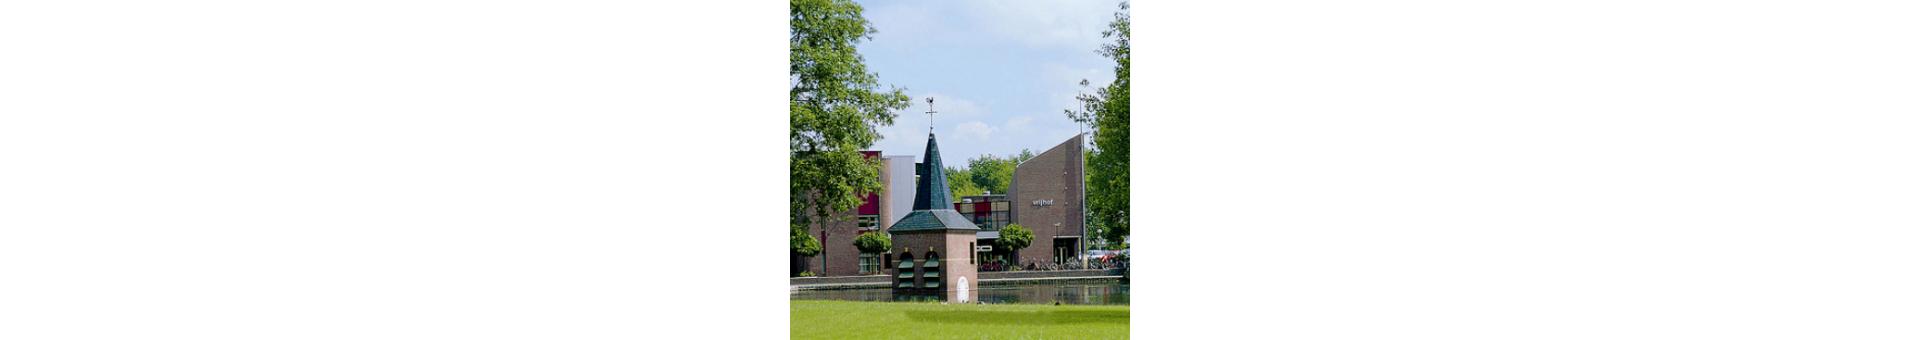 丰帝师大学